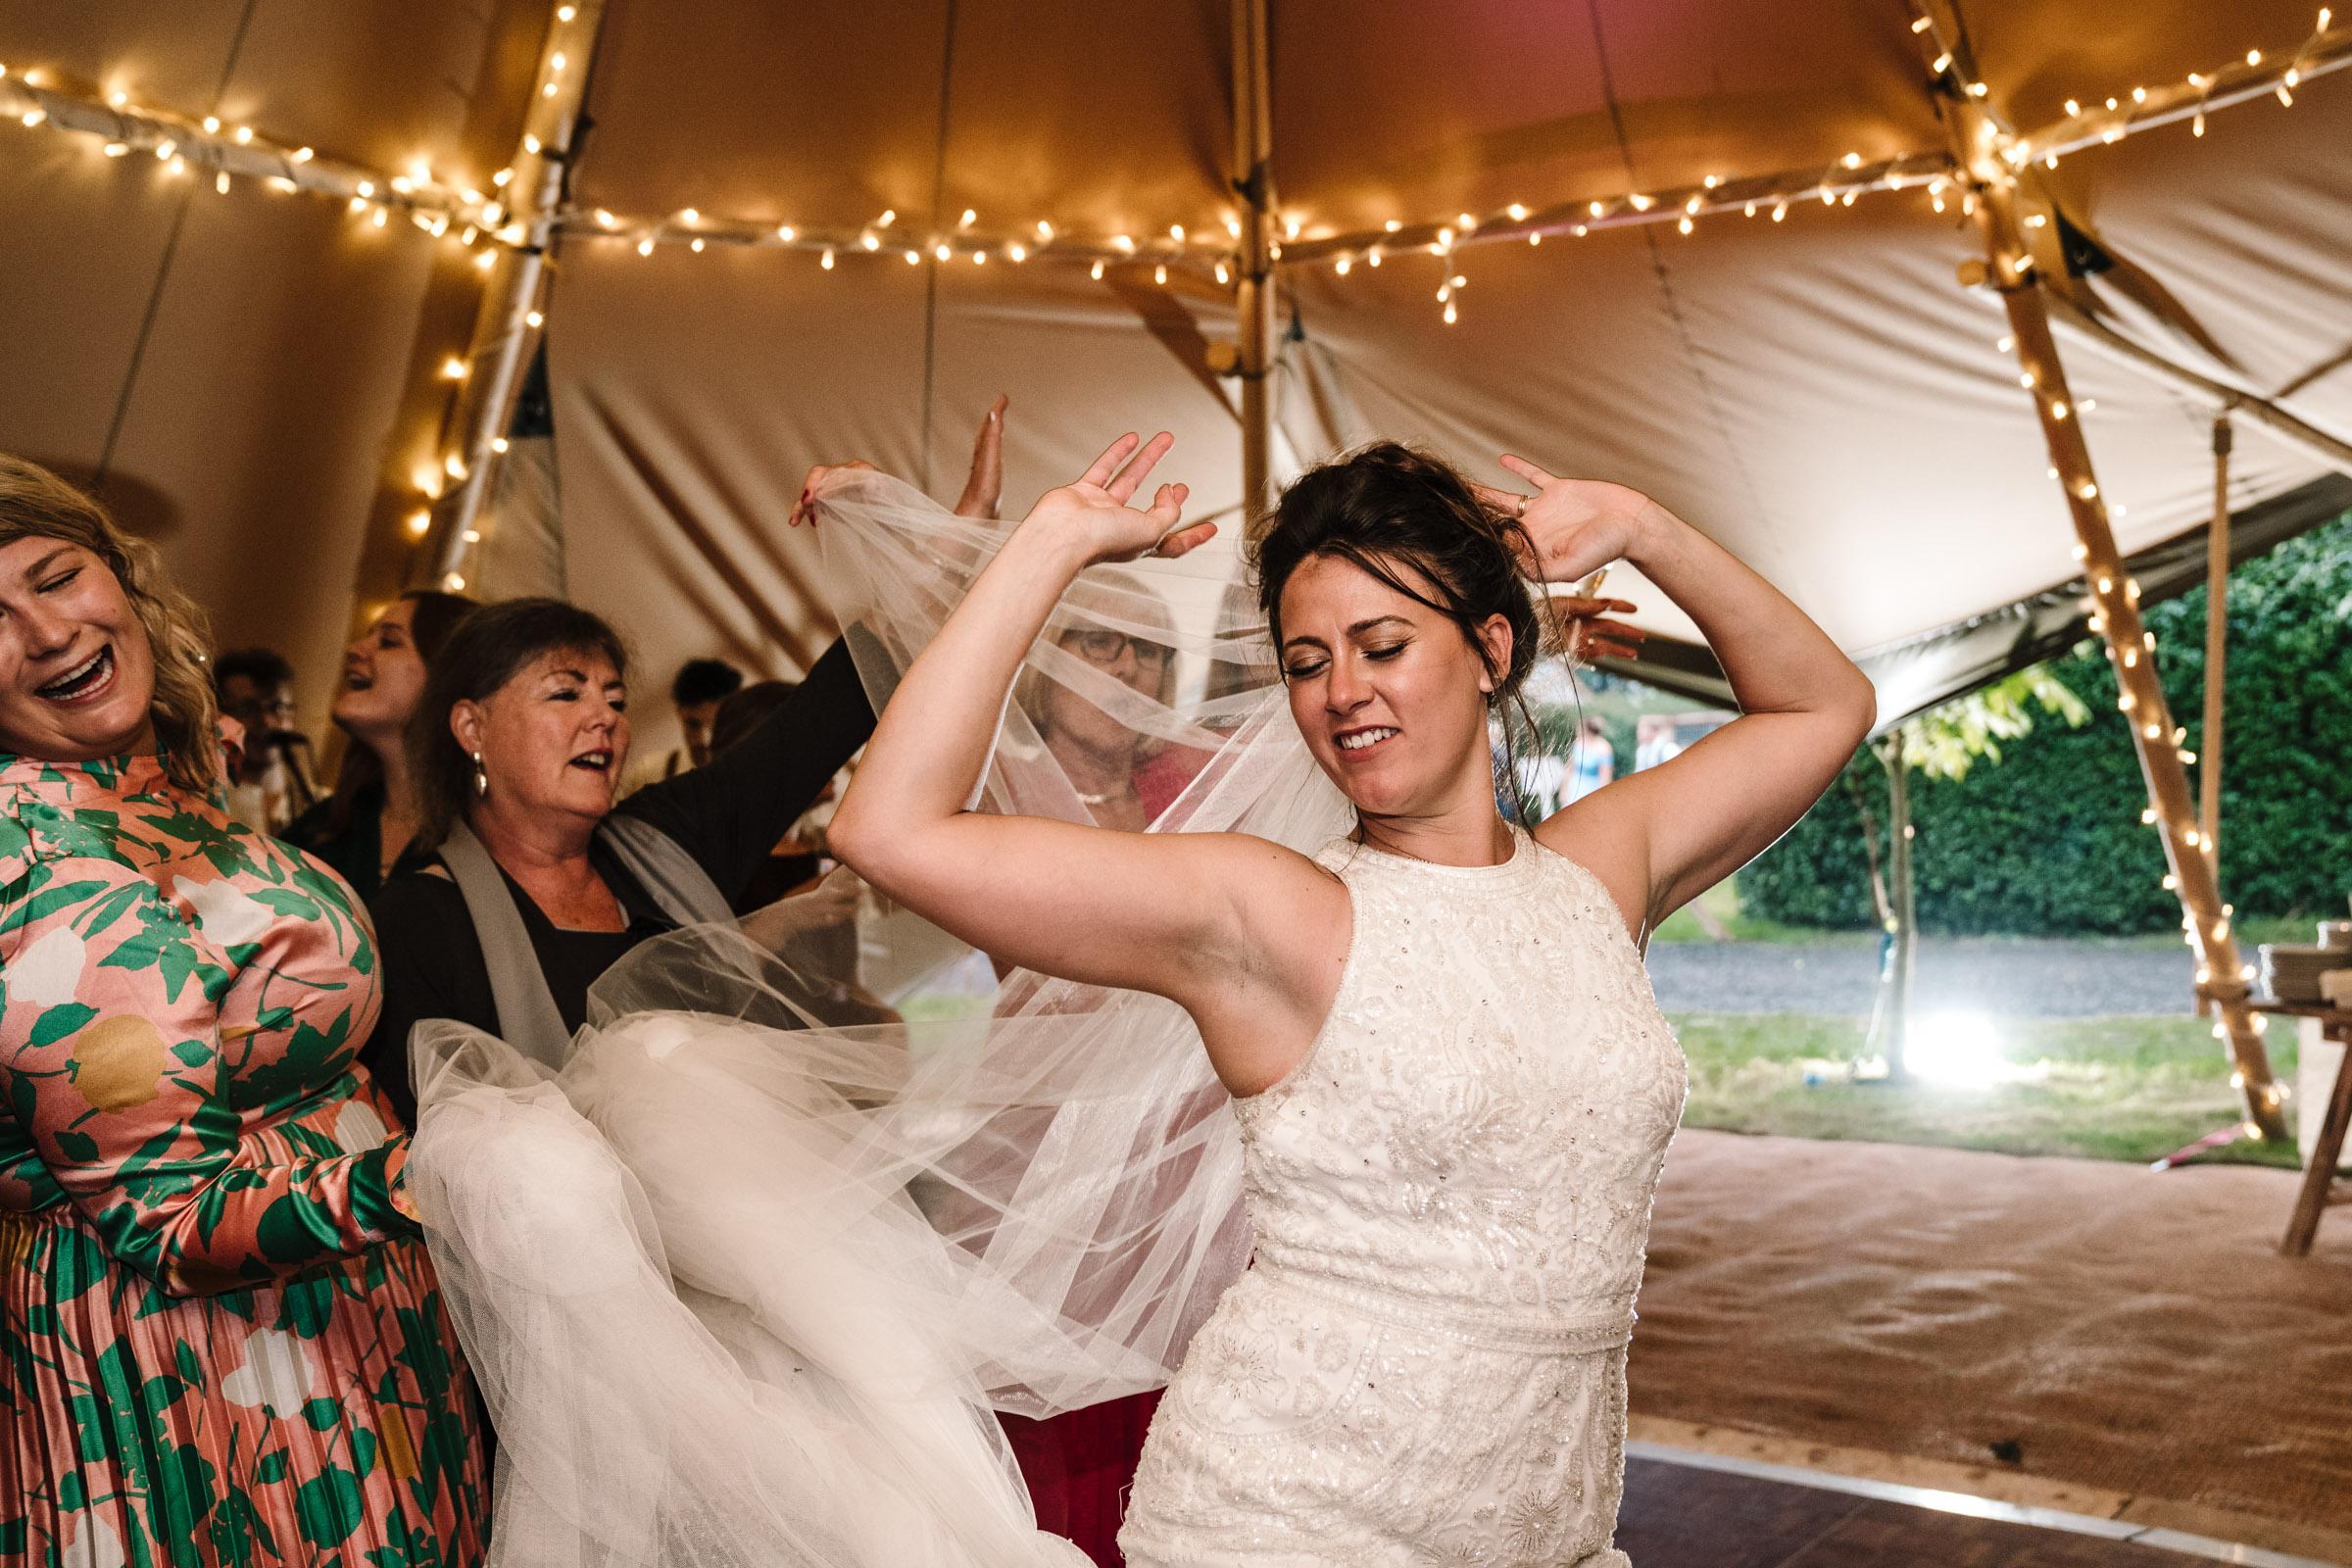 Bride dancing on the dancefloor at wedding